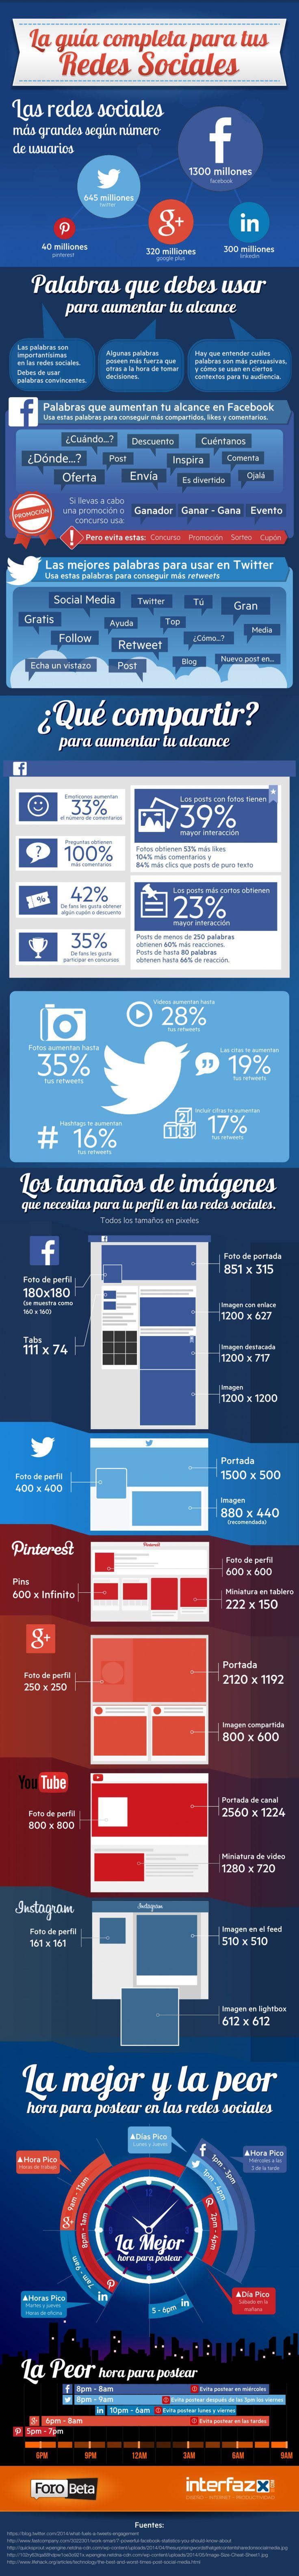 La guía completa para tus redes sociales Infographic